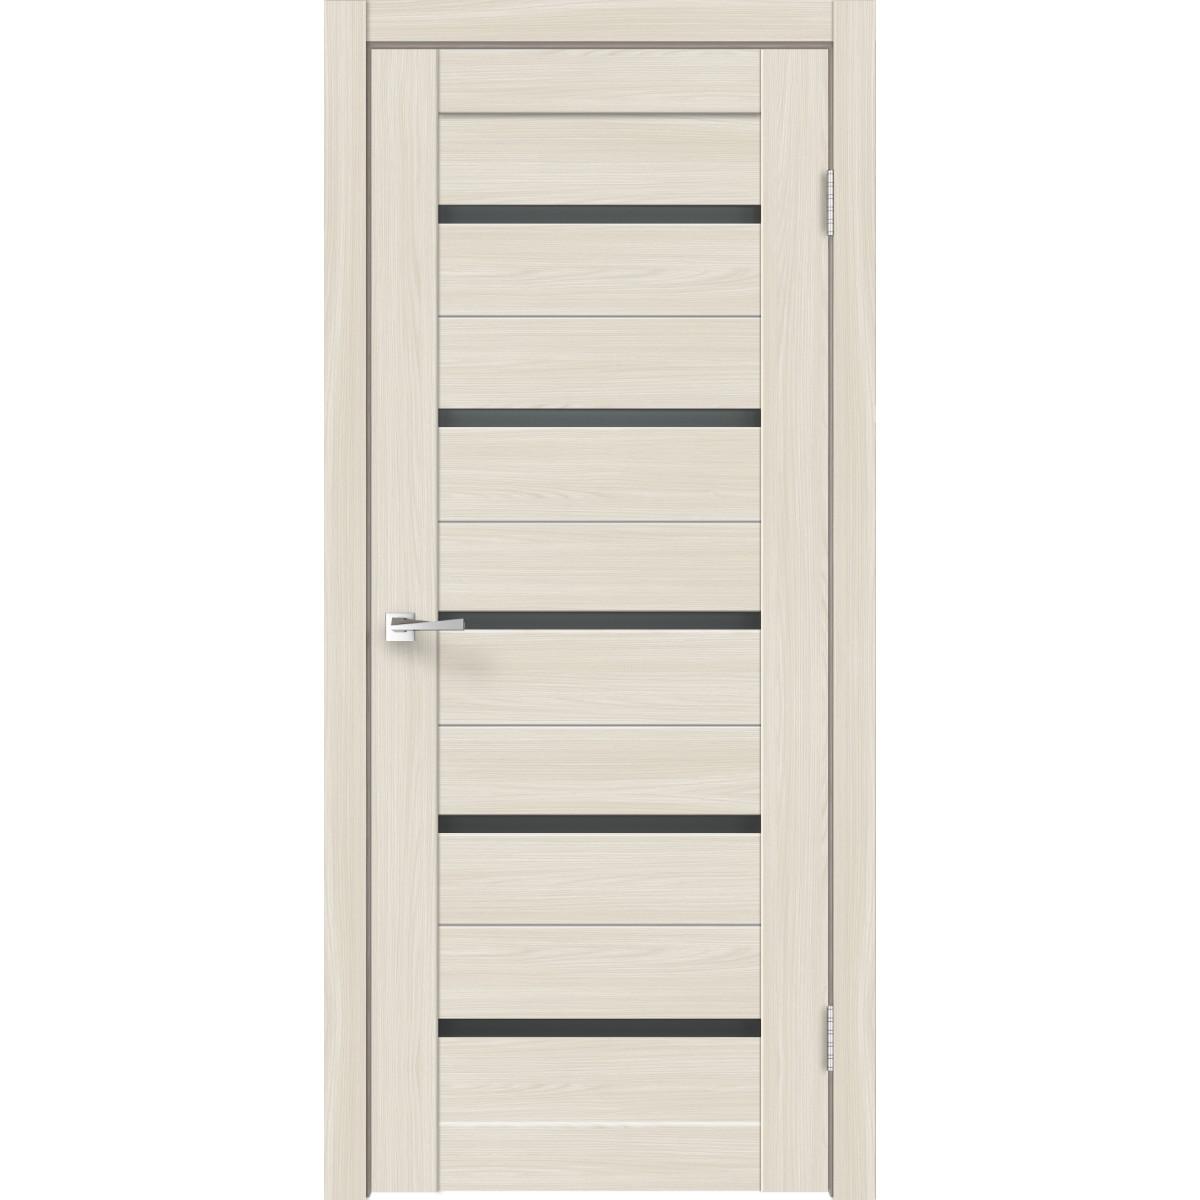 Дверь межкомнатная остеклённая Калипсо 90х200 см с фурнитурой Hardflex цвет ясень бора